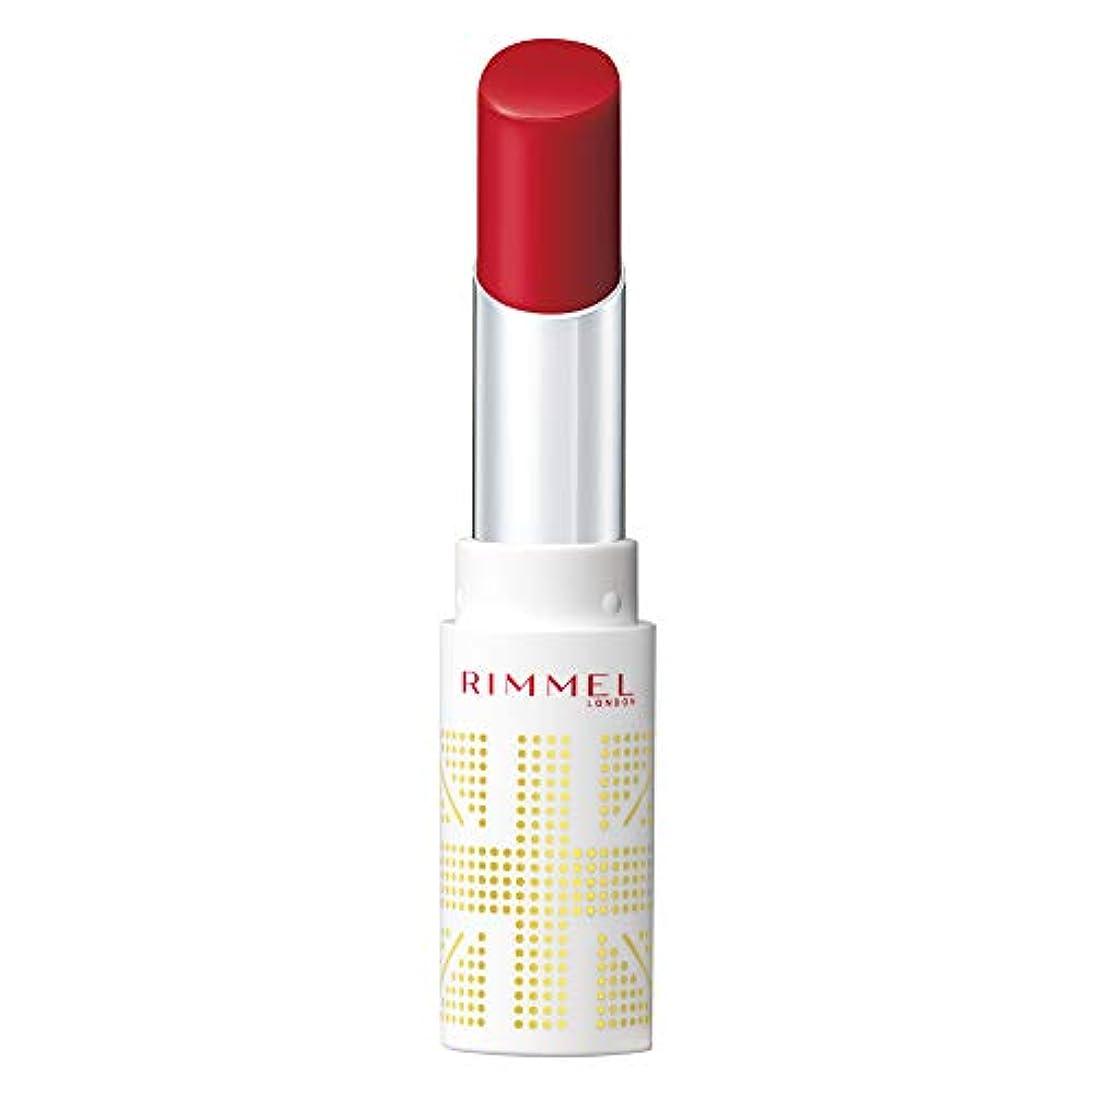 一般的な先のことを考えるアブセイRimmel (リンメル) リンメル ラスティングフィニッシュ オイルティントリップ 003 クラシカルレッド 3.8g 口紅